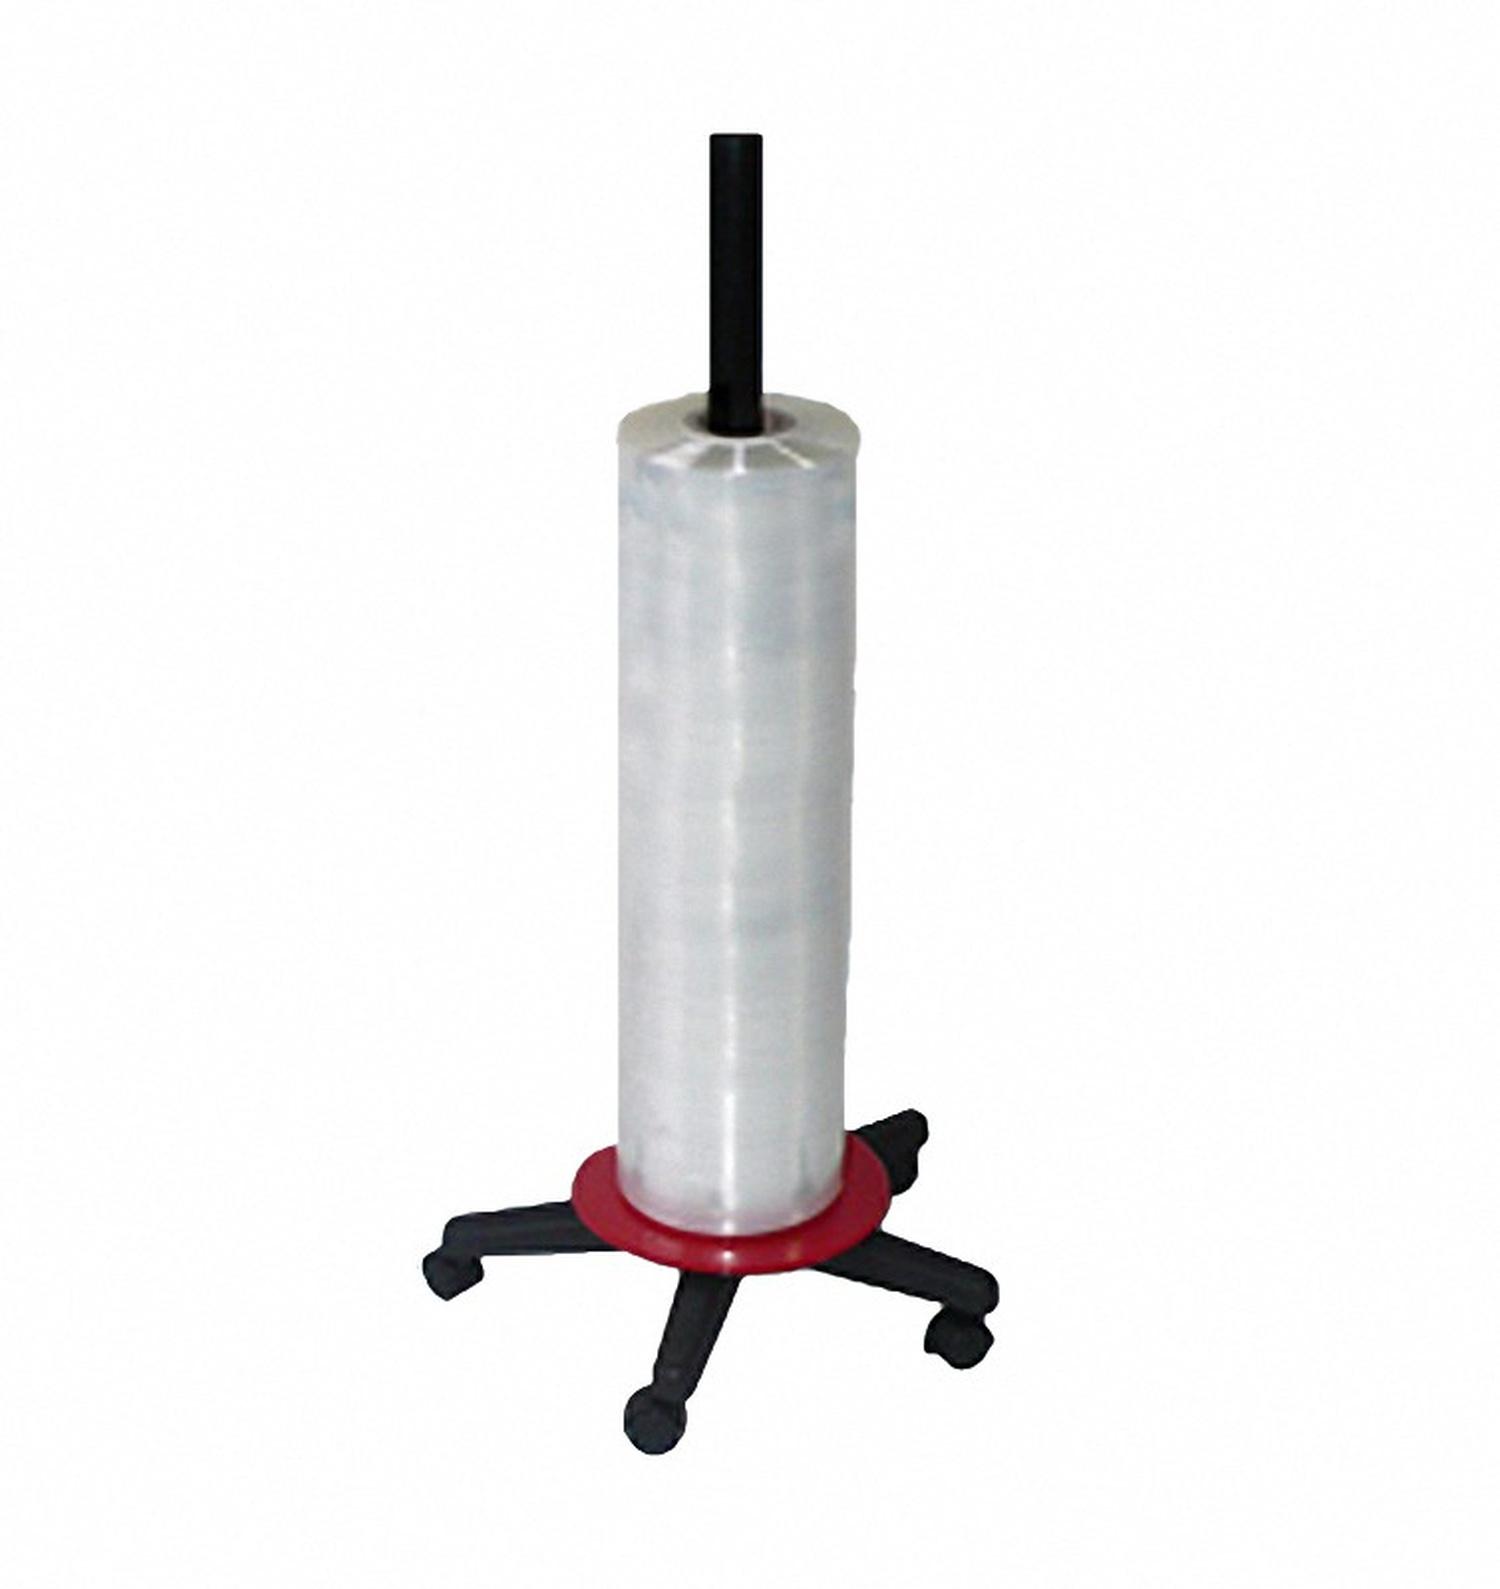 Folienspender senkrecht, für Folienbreite bis 1500 mm, rot/schwarz bis 20kg